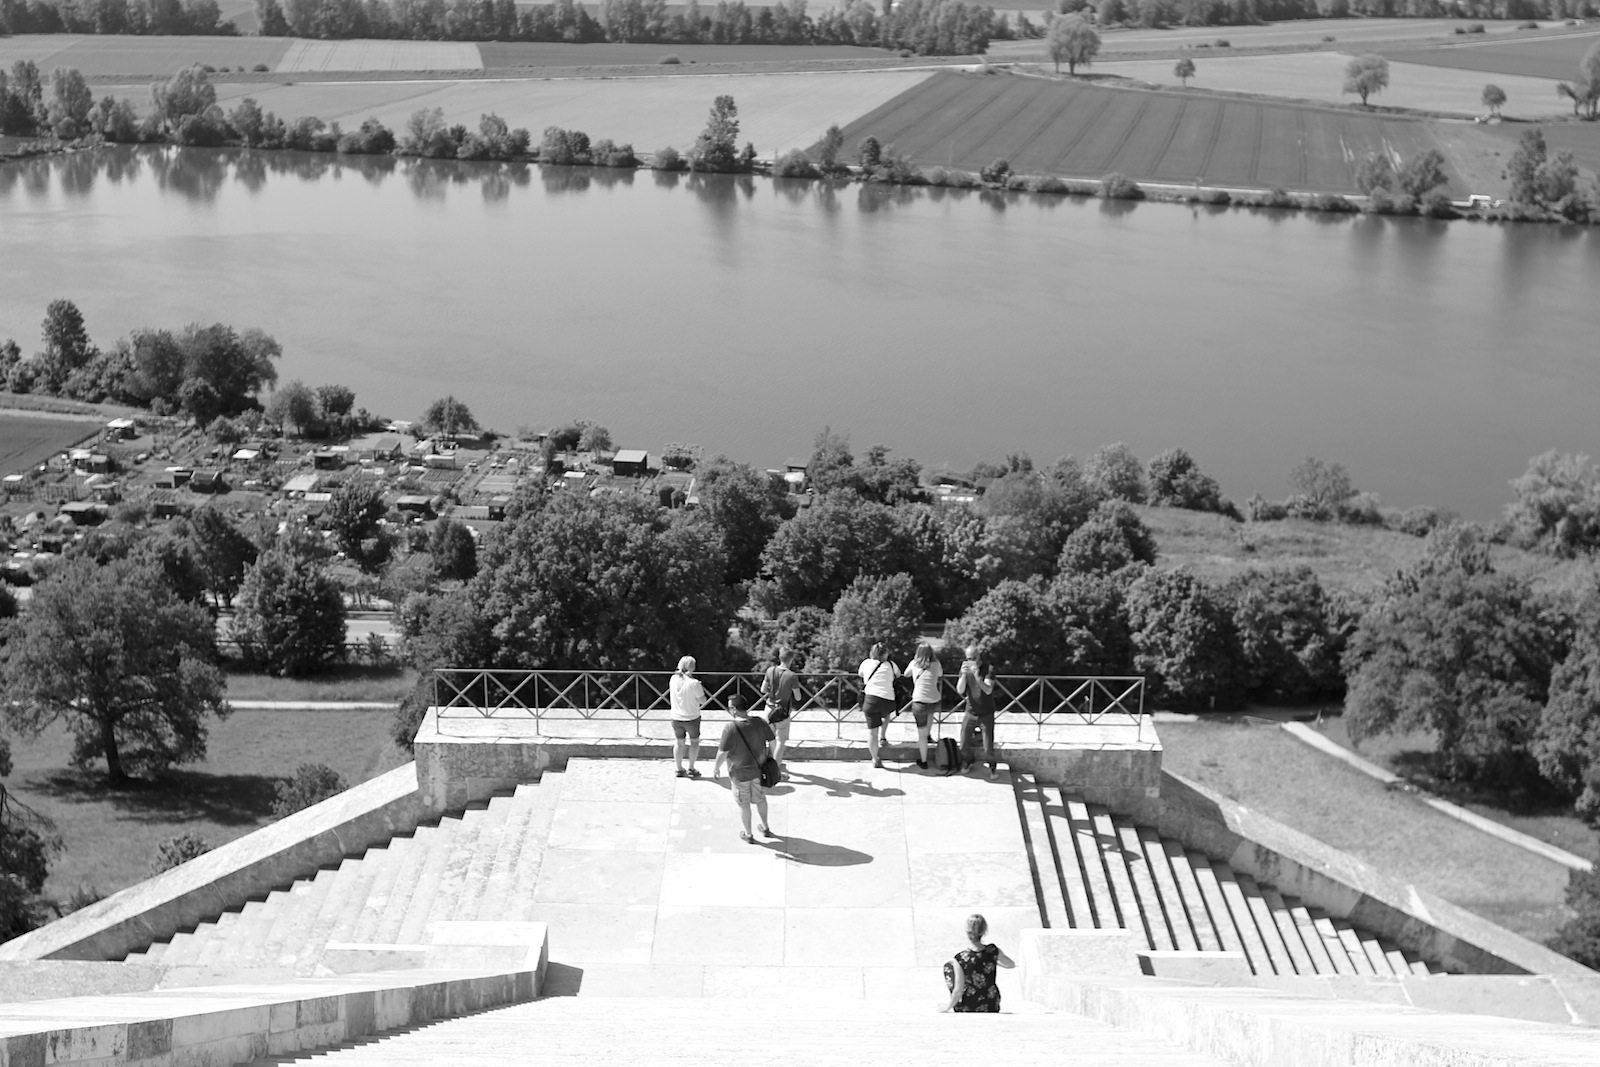 Erinnerung.  In der Gedenkstätte werden bedeutende Deutsche und mit der Historie Deutschlands verbundene Persönlichkeiten durch Marmorbüsten und Gedenktafeln geehrt.